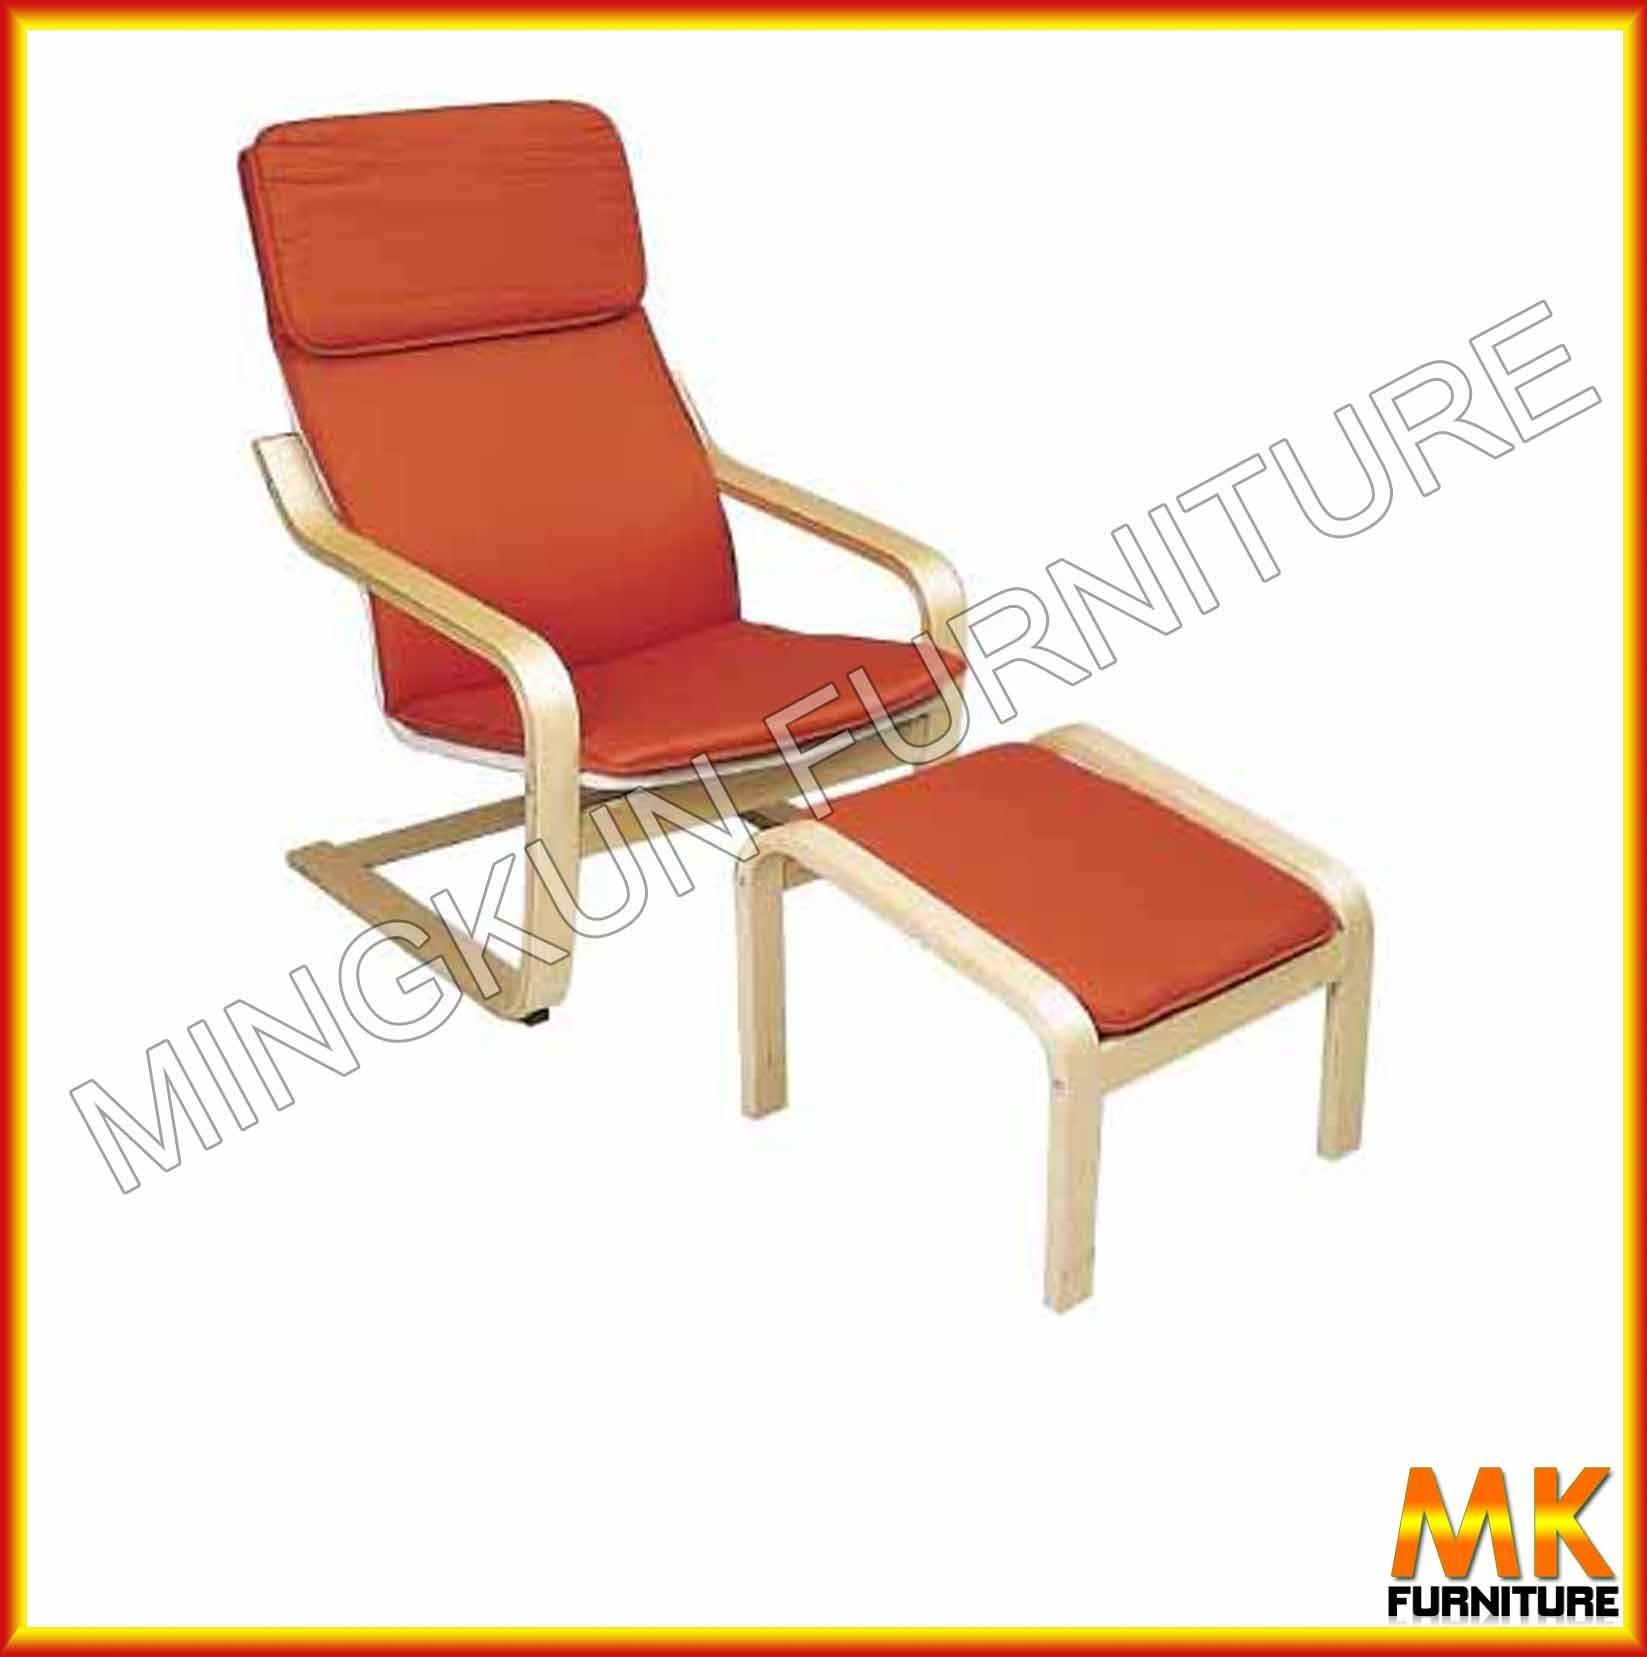 Cadeira de balanço de madeira de bétula dobrado Cadeiras de madeira  #C3AA08 1647x1657